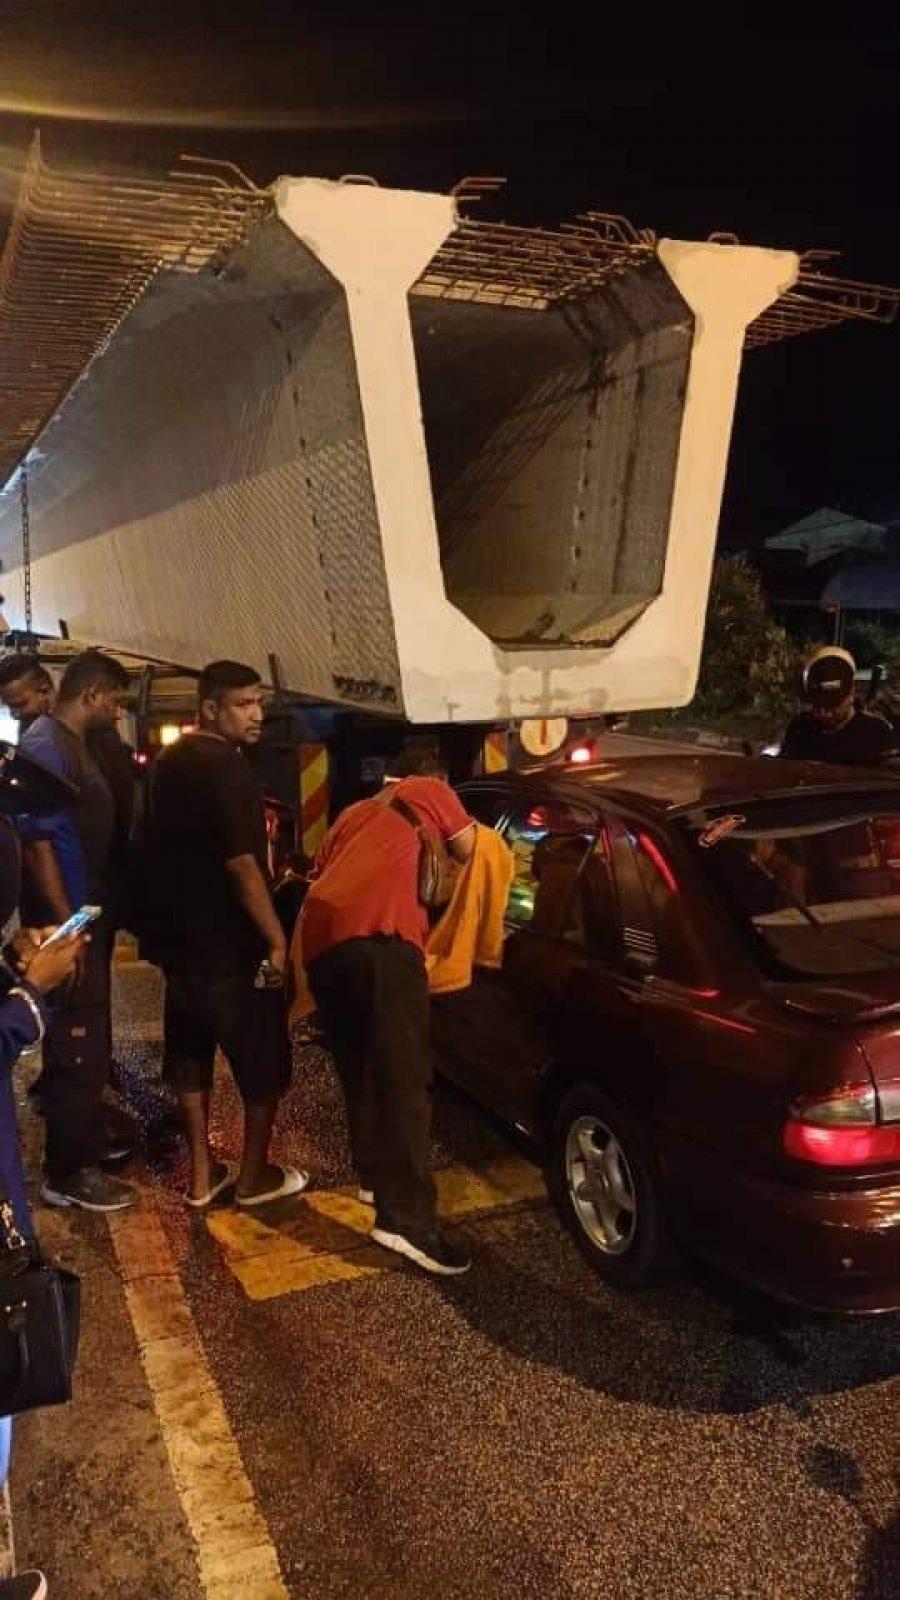 轿车撞载水泥柱拖格罗里 酿1死2伤